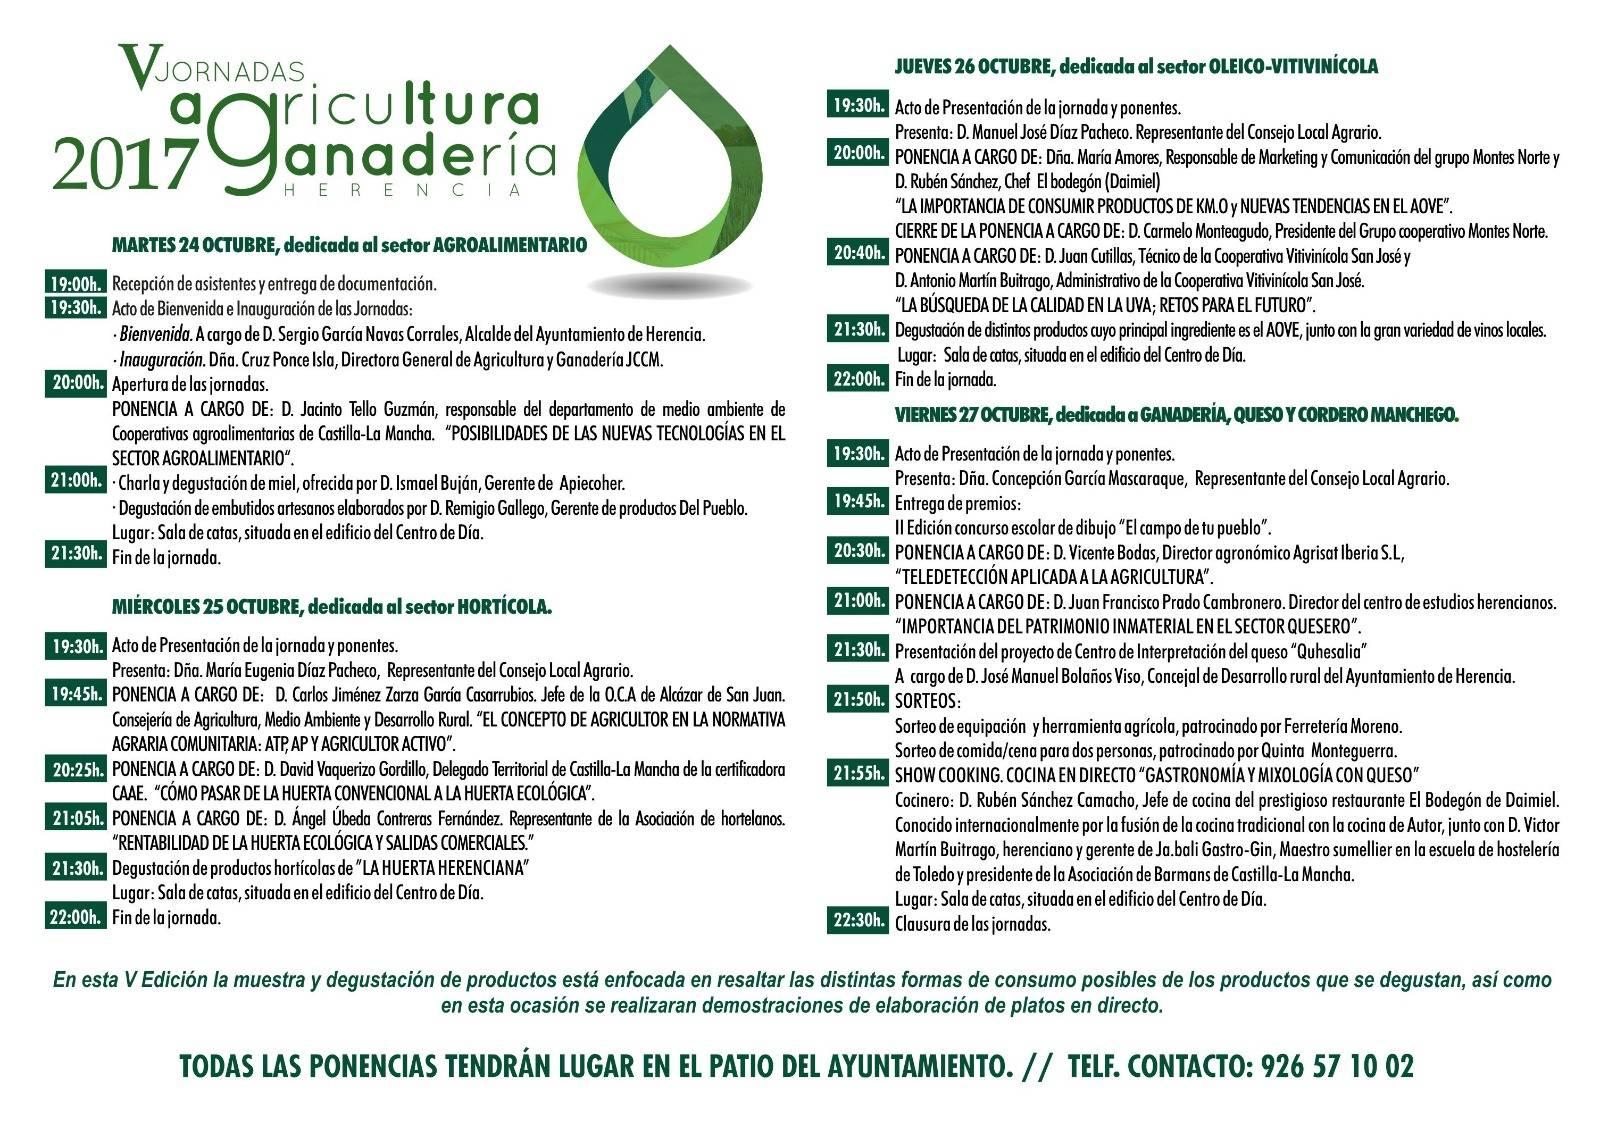 V Jornadas de Agricultura y Ganadería de Herencia programa - V Jornadas de Agricultura y Ganadería de Herencia